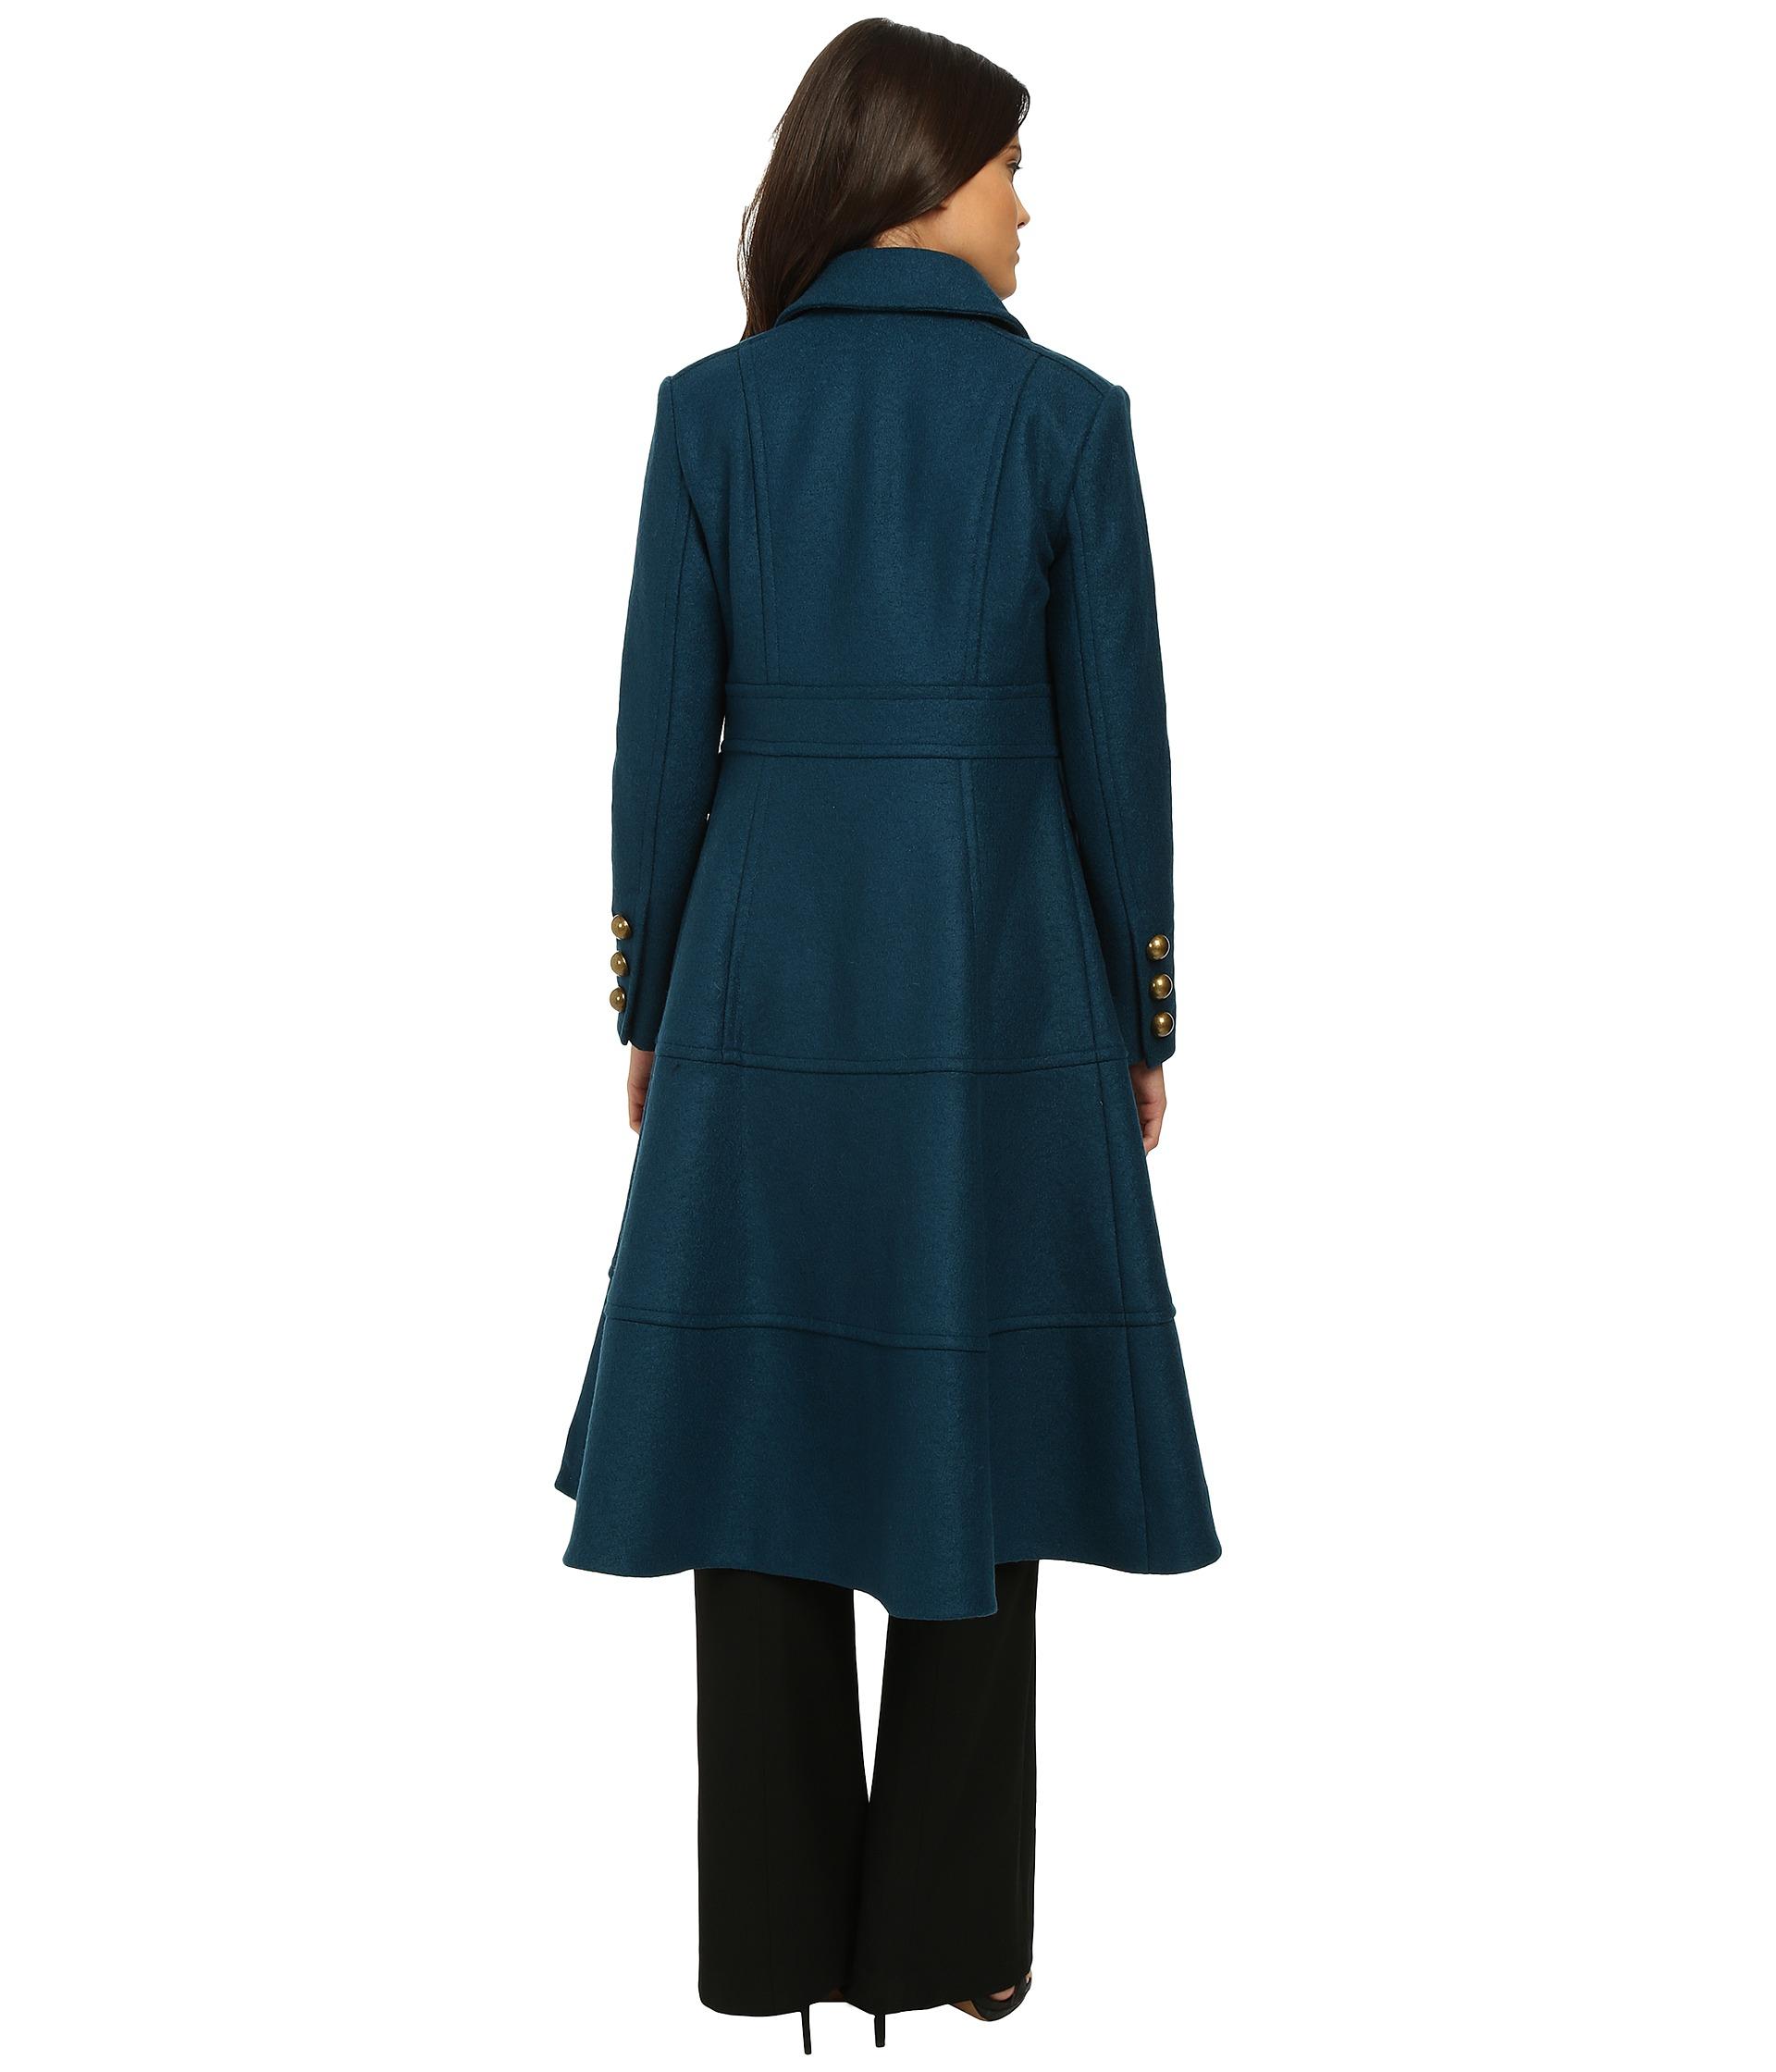 nanette lepore femme fatale trench coat in blue lyst. Black Bedroom Furniture Sets. Home Design Ideas